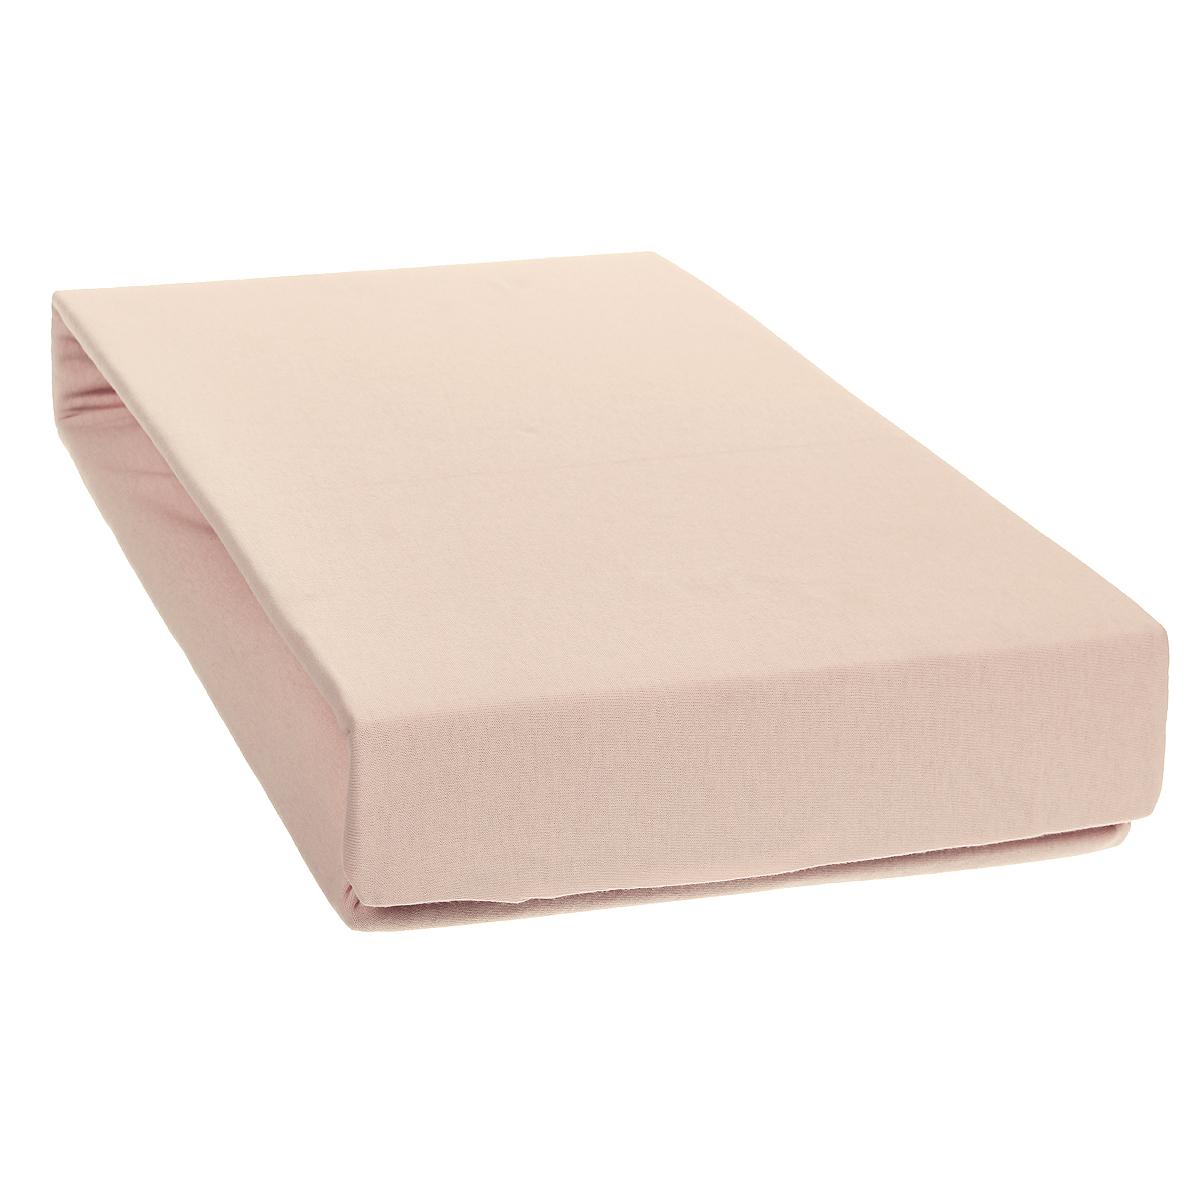 Простыня на резинке Tete-a-Tete, цвет: лотос, 180 х 200 смТ-ПР-3010Однотонная простыня на резинке Tete-a-Tete выполнена из натурального хлопка. Высочайшее качество материала гарантирует безопасность не только взрослых, но и самых маленьких членов семьи. Простыня гармонично впишется в интерьер вашего дома и создаст атмосферу уюта и комфорта. Особенности коллекции Tete-a-Tete: - выдерживает более 100 стирок практически без изменения внешнего вида, - модные цвета и стойкие оттенки, - минимальная усадка, - надежные резинки и износостойкая ткань, - безупречное качество, - гиппоаллергенно. Коллекция Tete-a-Tete специально создана для практичных людей, которые ценят качество и долговечность вещей, окружают своих близких теплотой и заботой. Высота до 25 см.